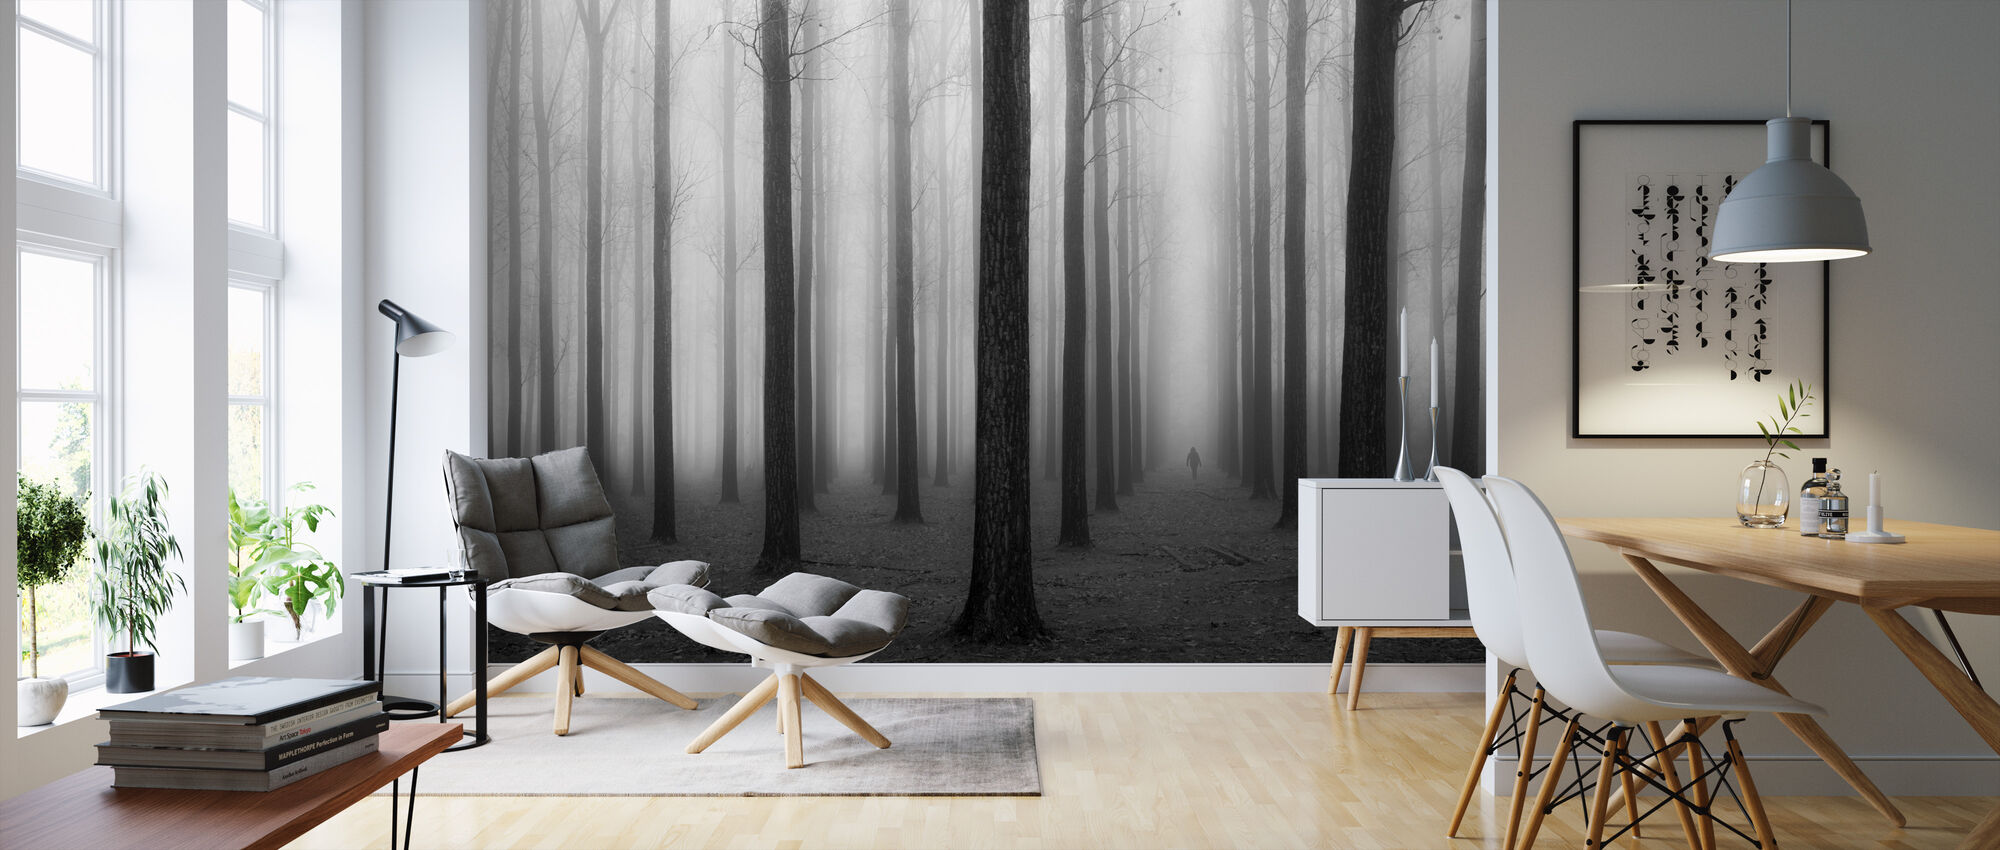 Nebel & Bäume - Tapete - Wohnzimmer